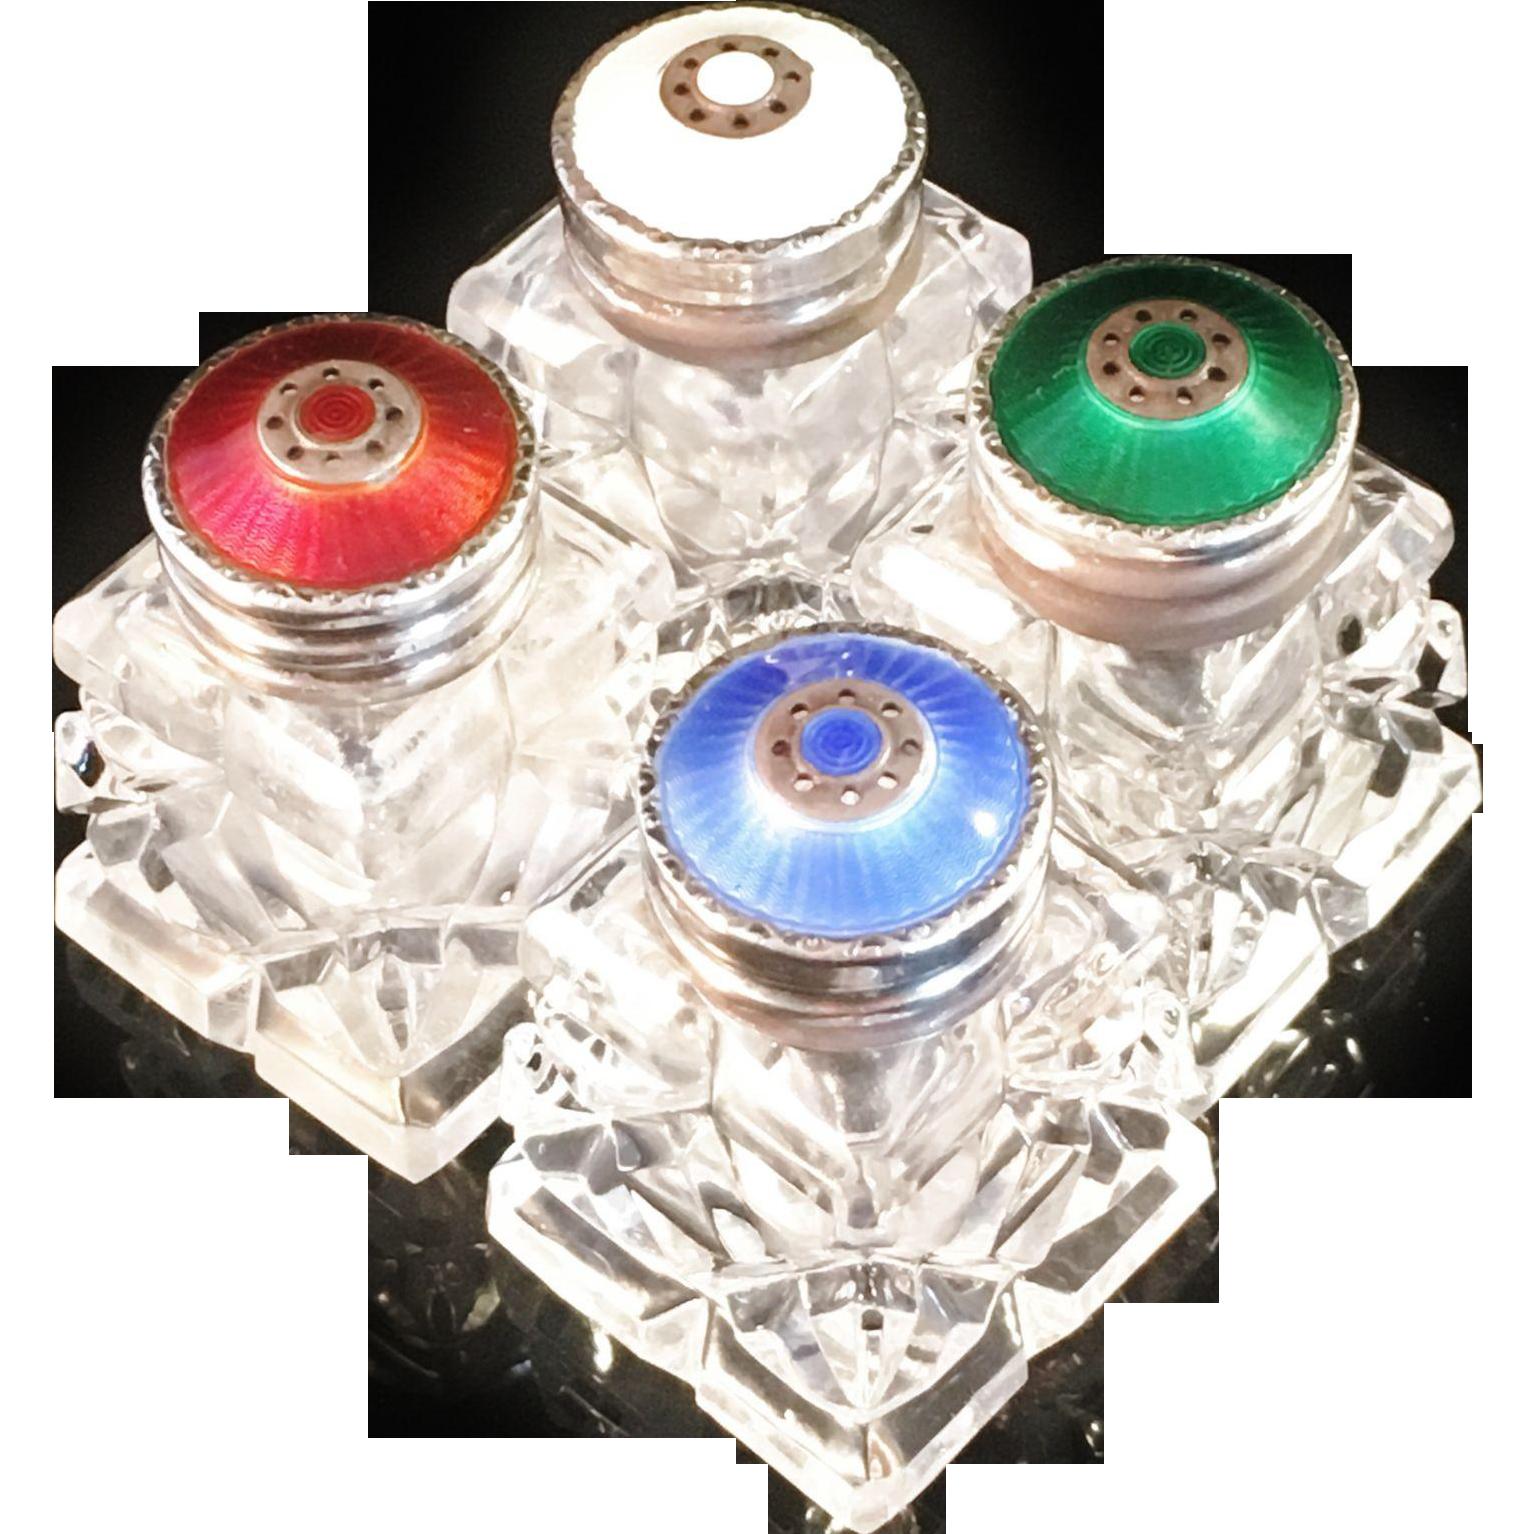 Beautiful vintage salt cellars set of 4 - 4 Vintage David Andersen Norway Enamelled Sterling Silver And Glass Salt Shakers